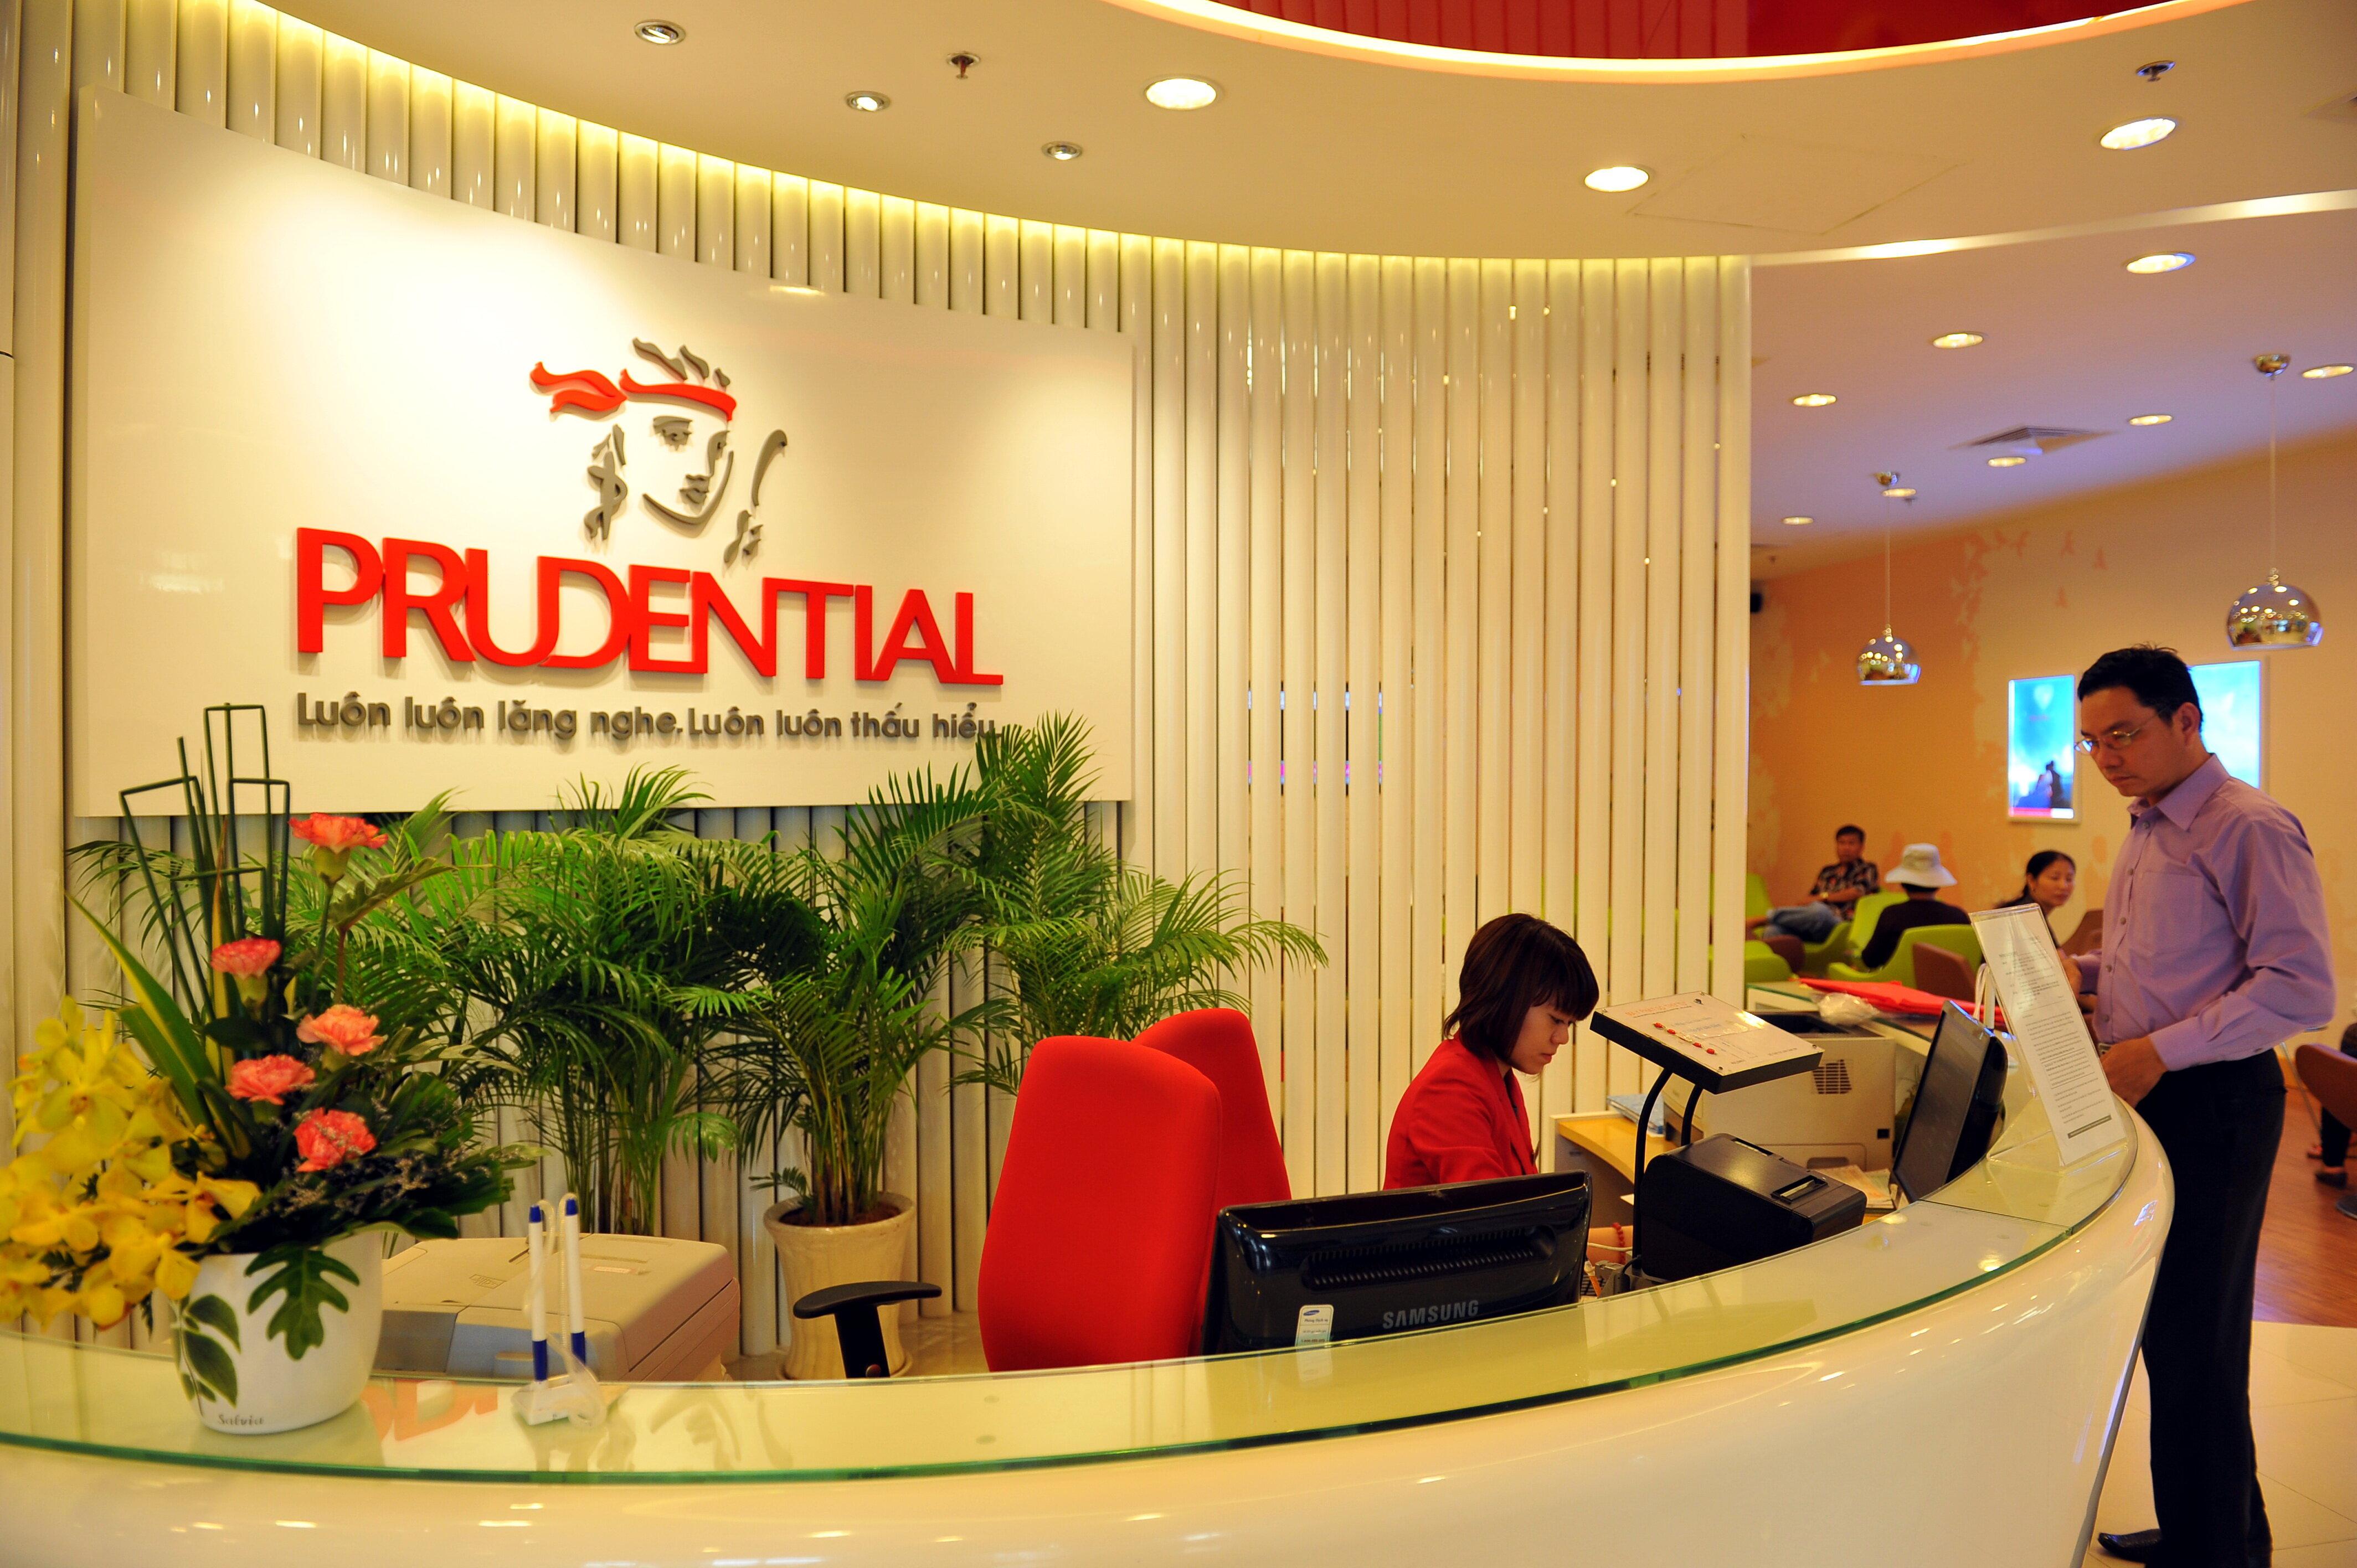 Hướng dẫn làm hồ sơ vay tiêu dùng thế chấp mua nhà, xe Prudential